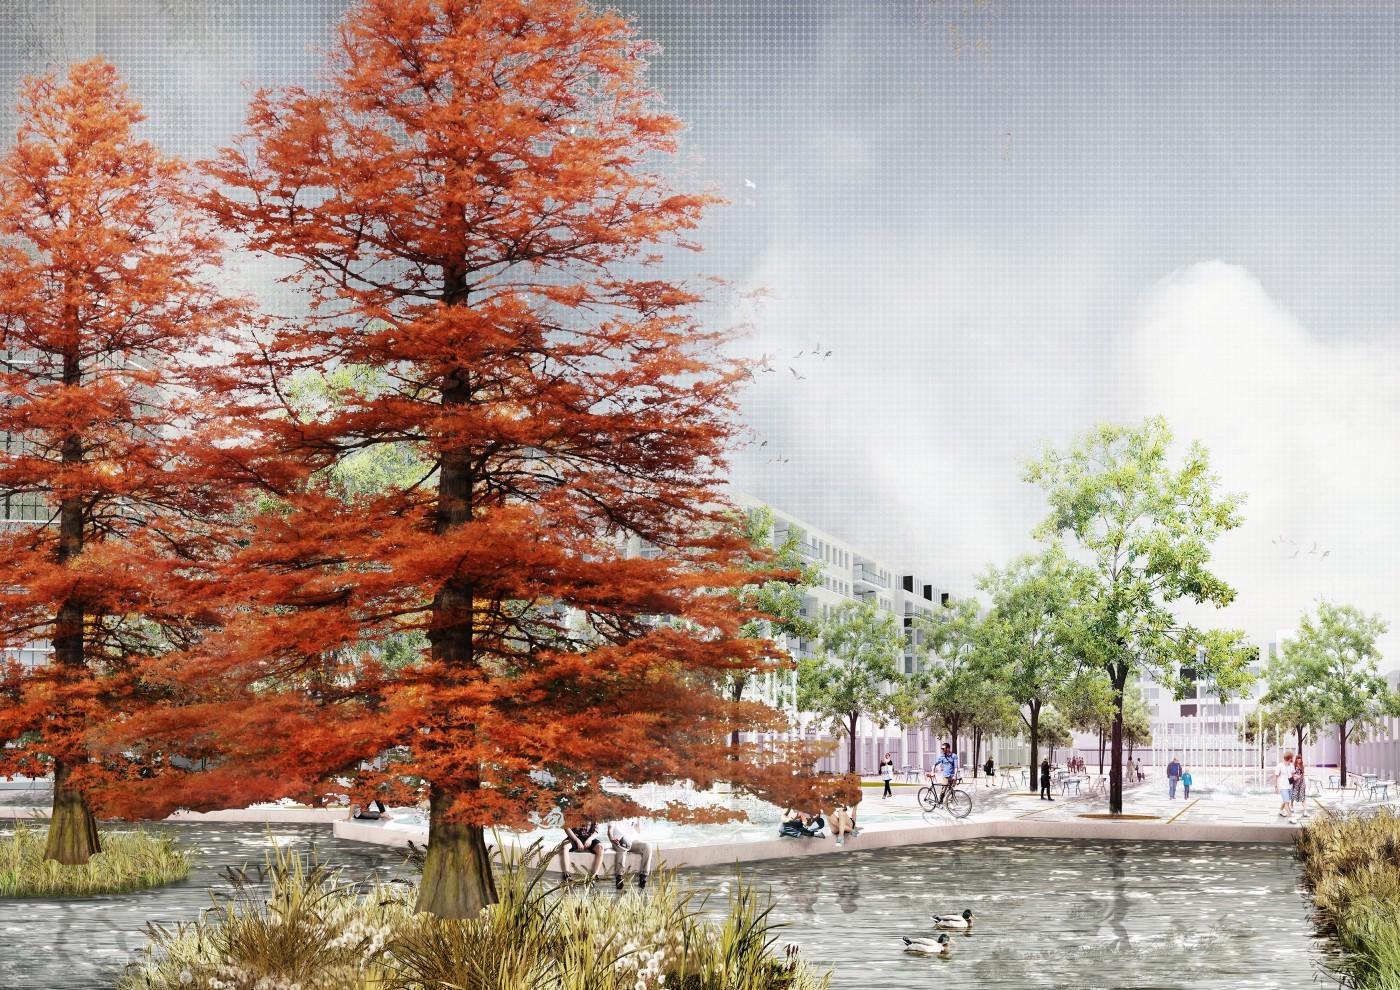 buro-sant-en-co-landschapsarchitectuur-stadsplein-capelle aan den ijssel-plein-herinrichting-groen-water-klimaatadaptief-schetsontwerp-model organisch-impressie-2